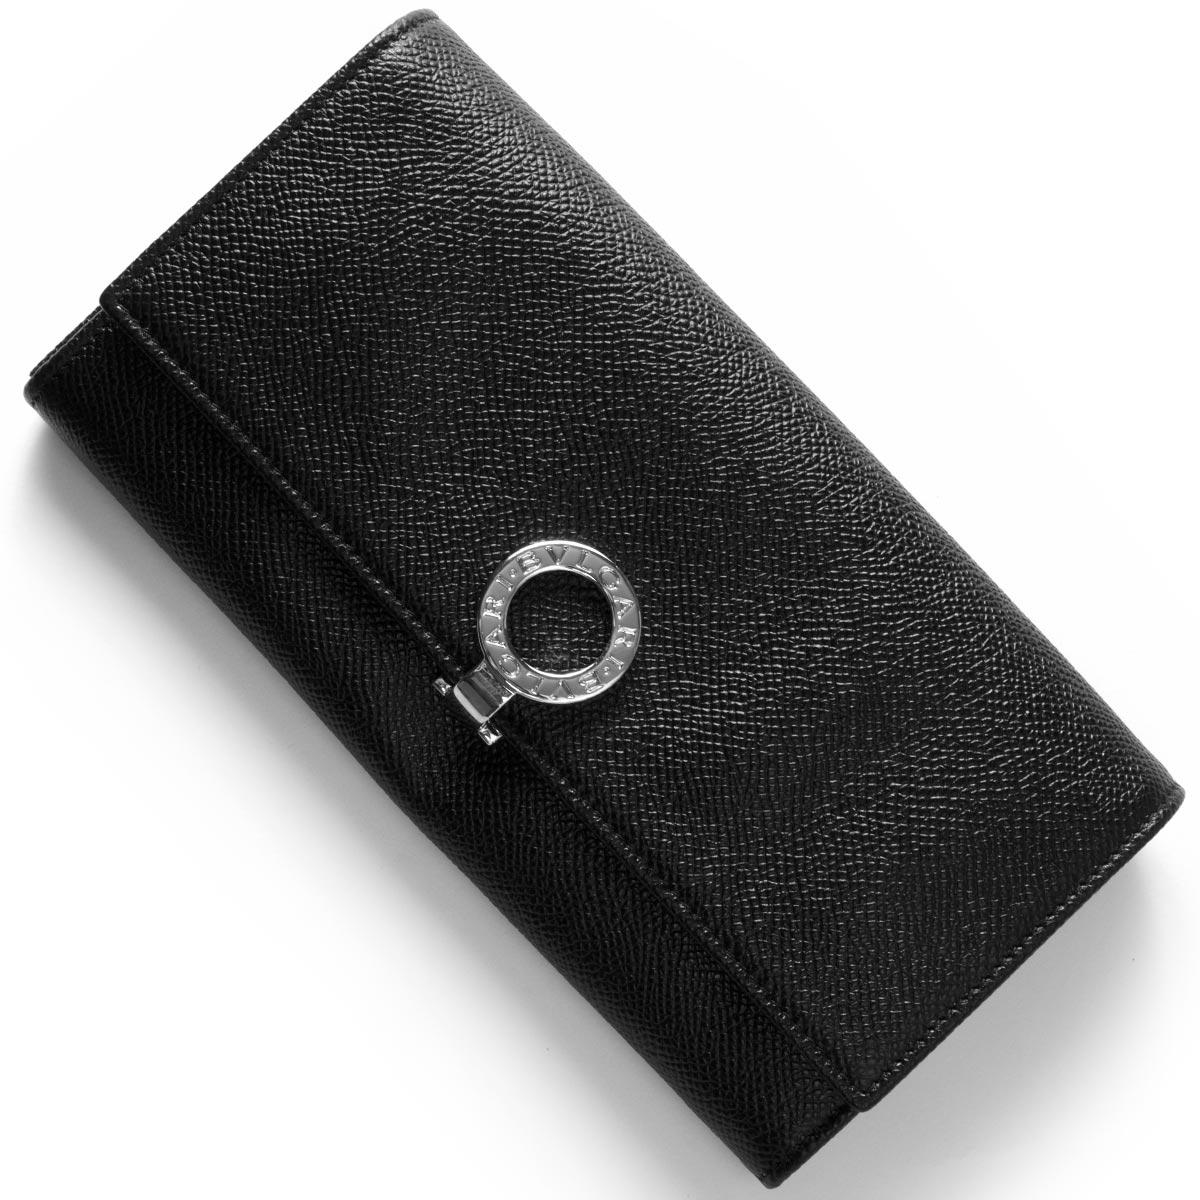 ブルガリ 財布 長財布 メンズ レディース 30414 BVLGARI ブルガリブルガリ BB ブラック